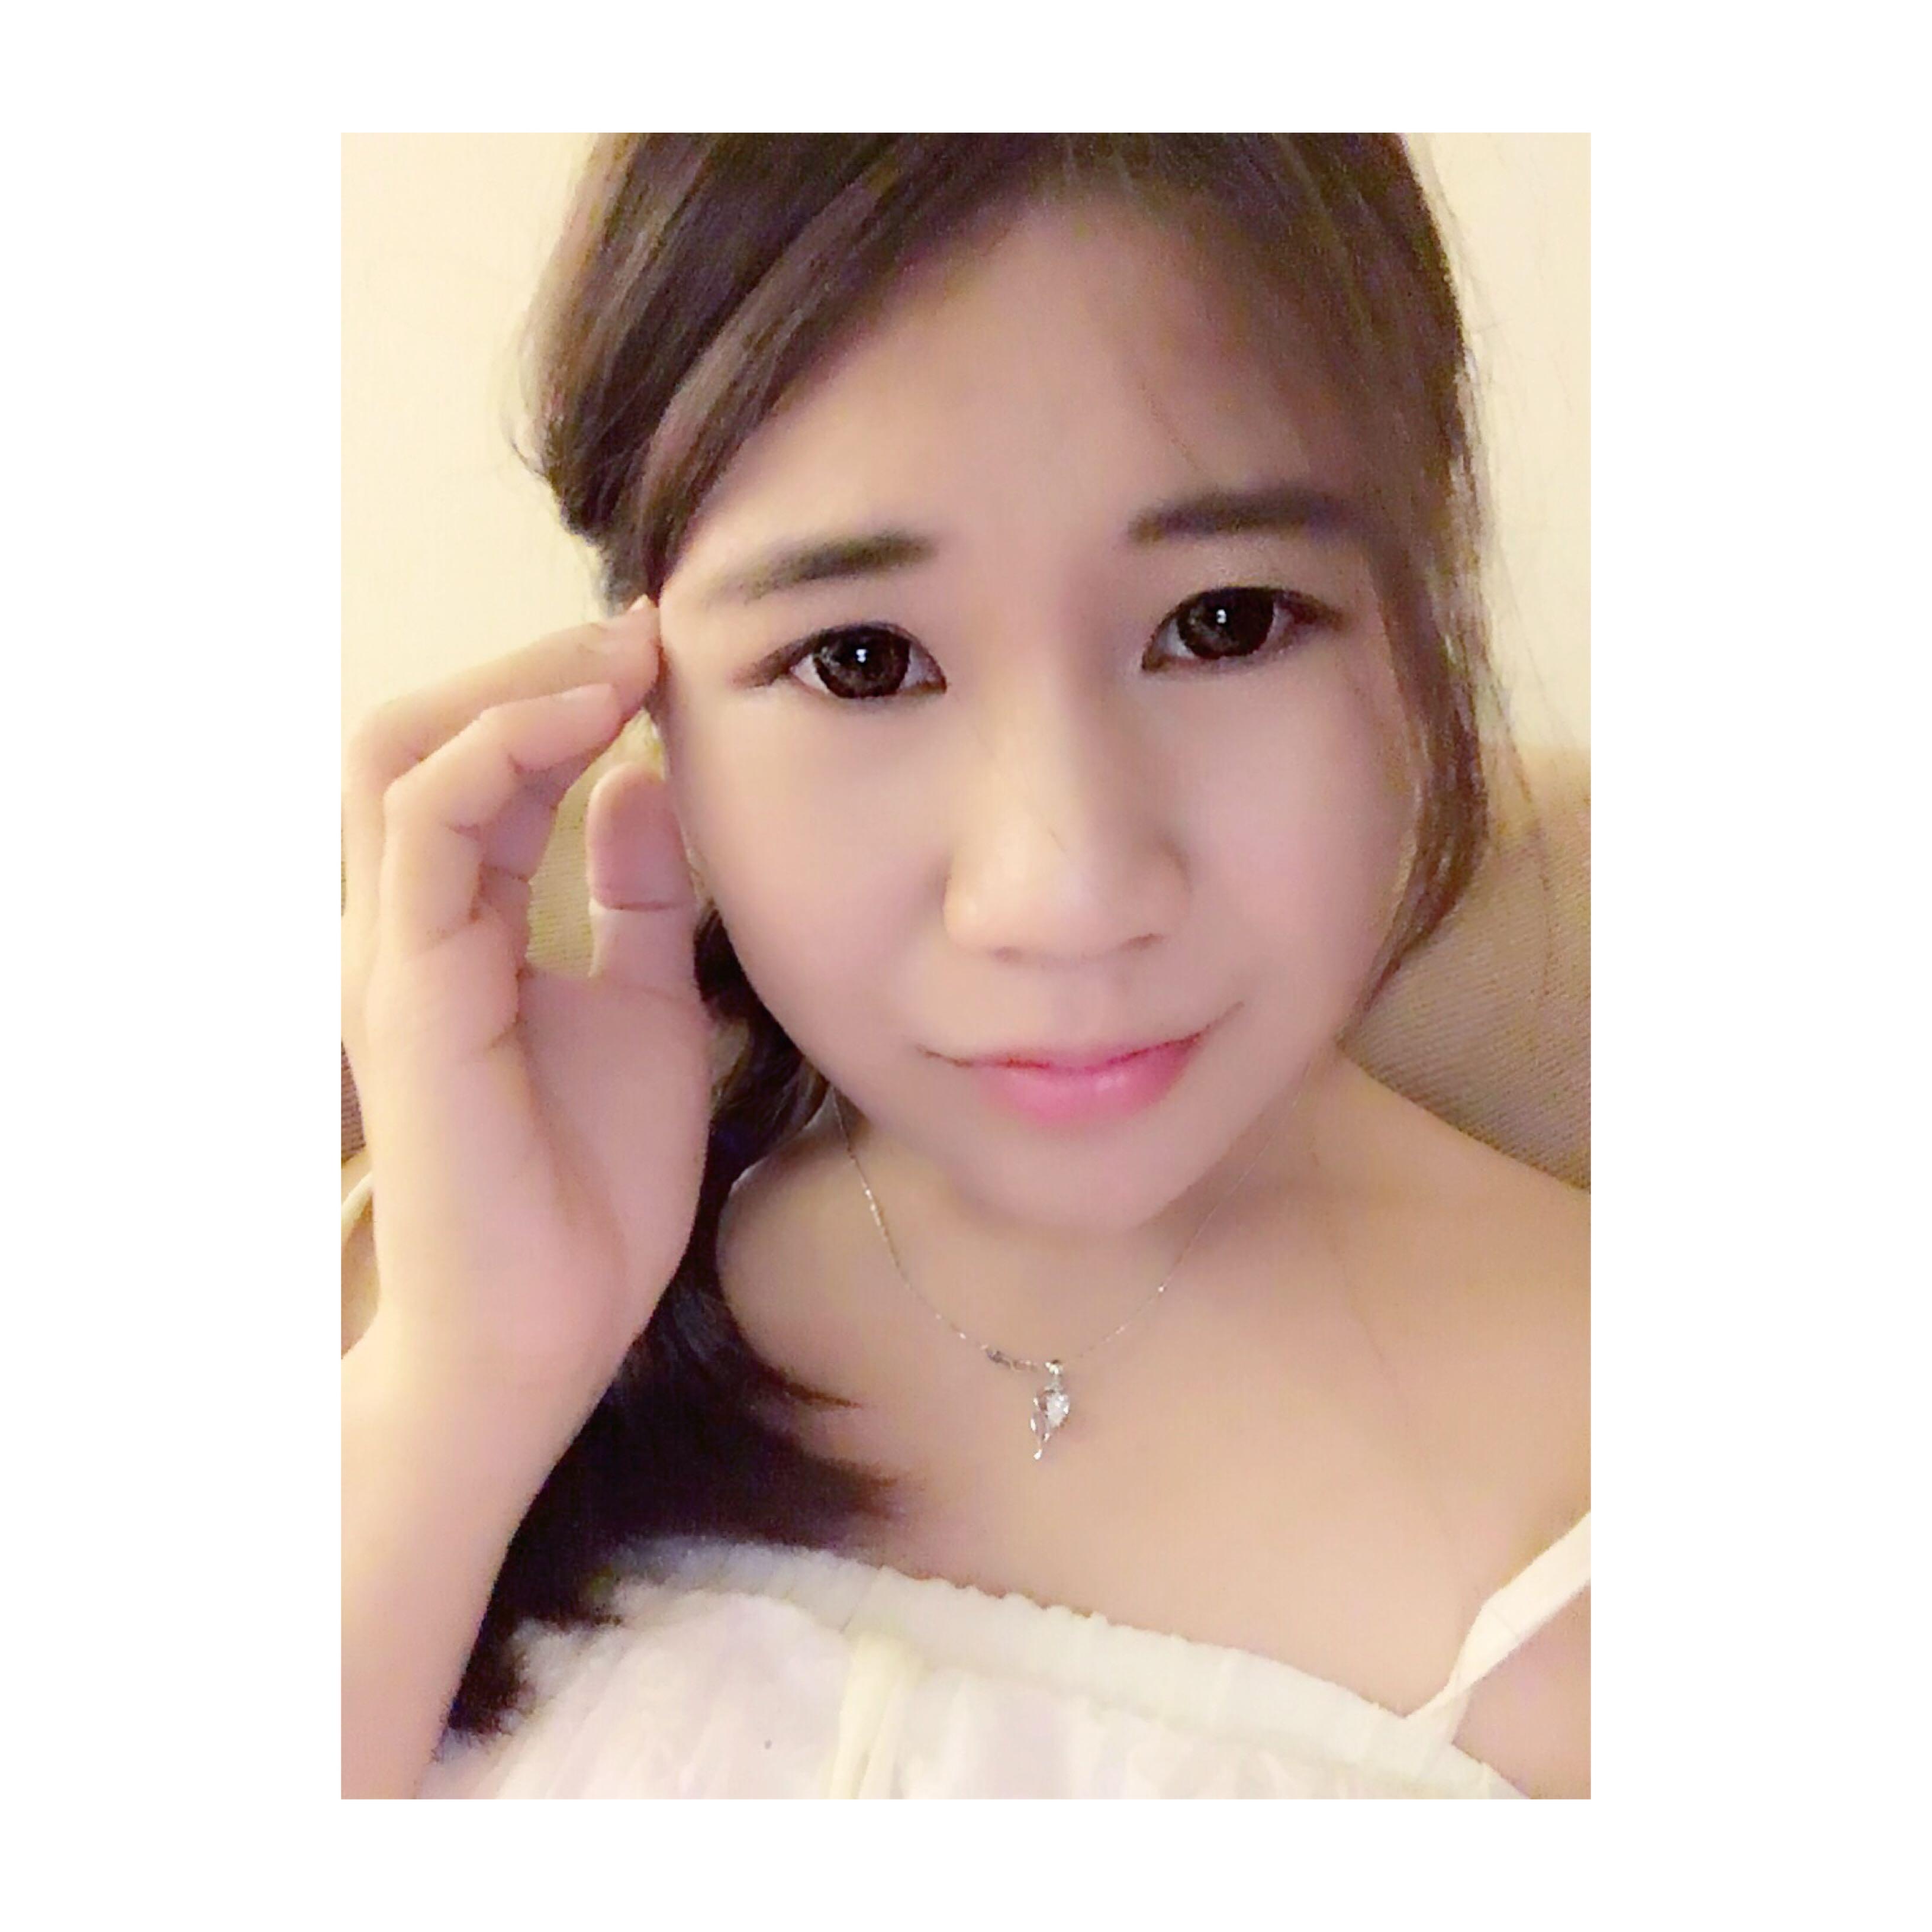 meimei930102